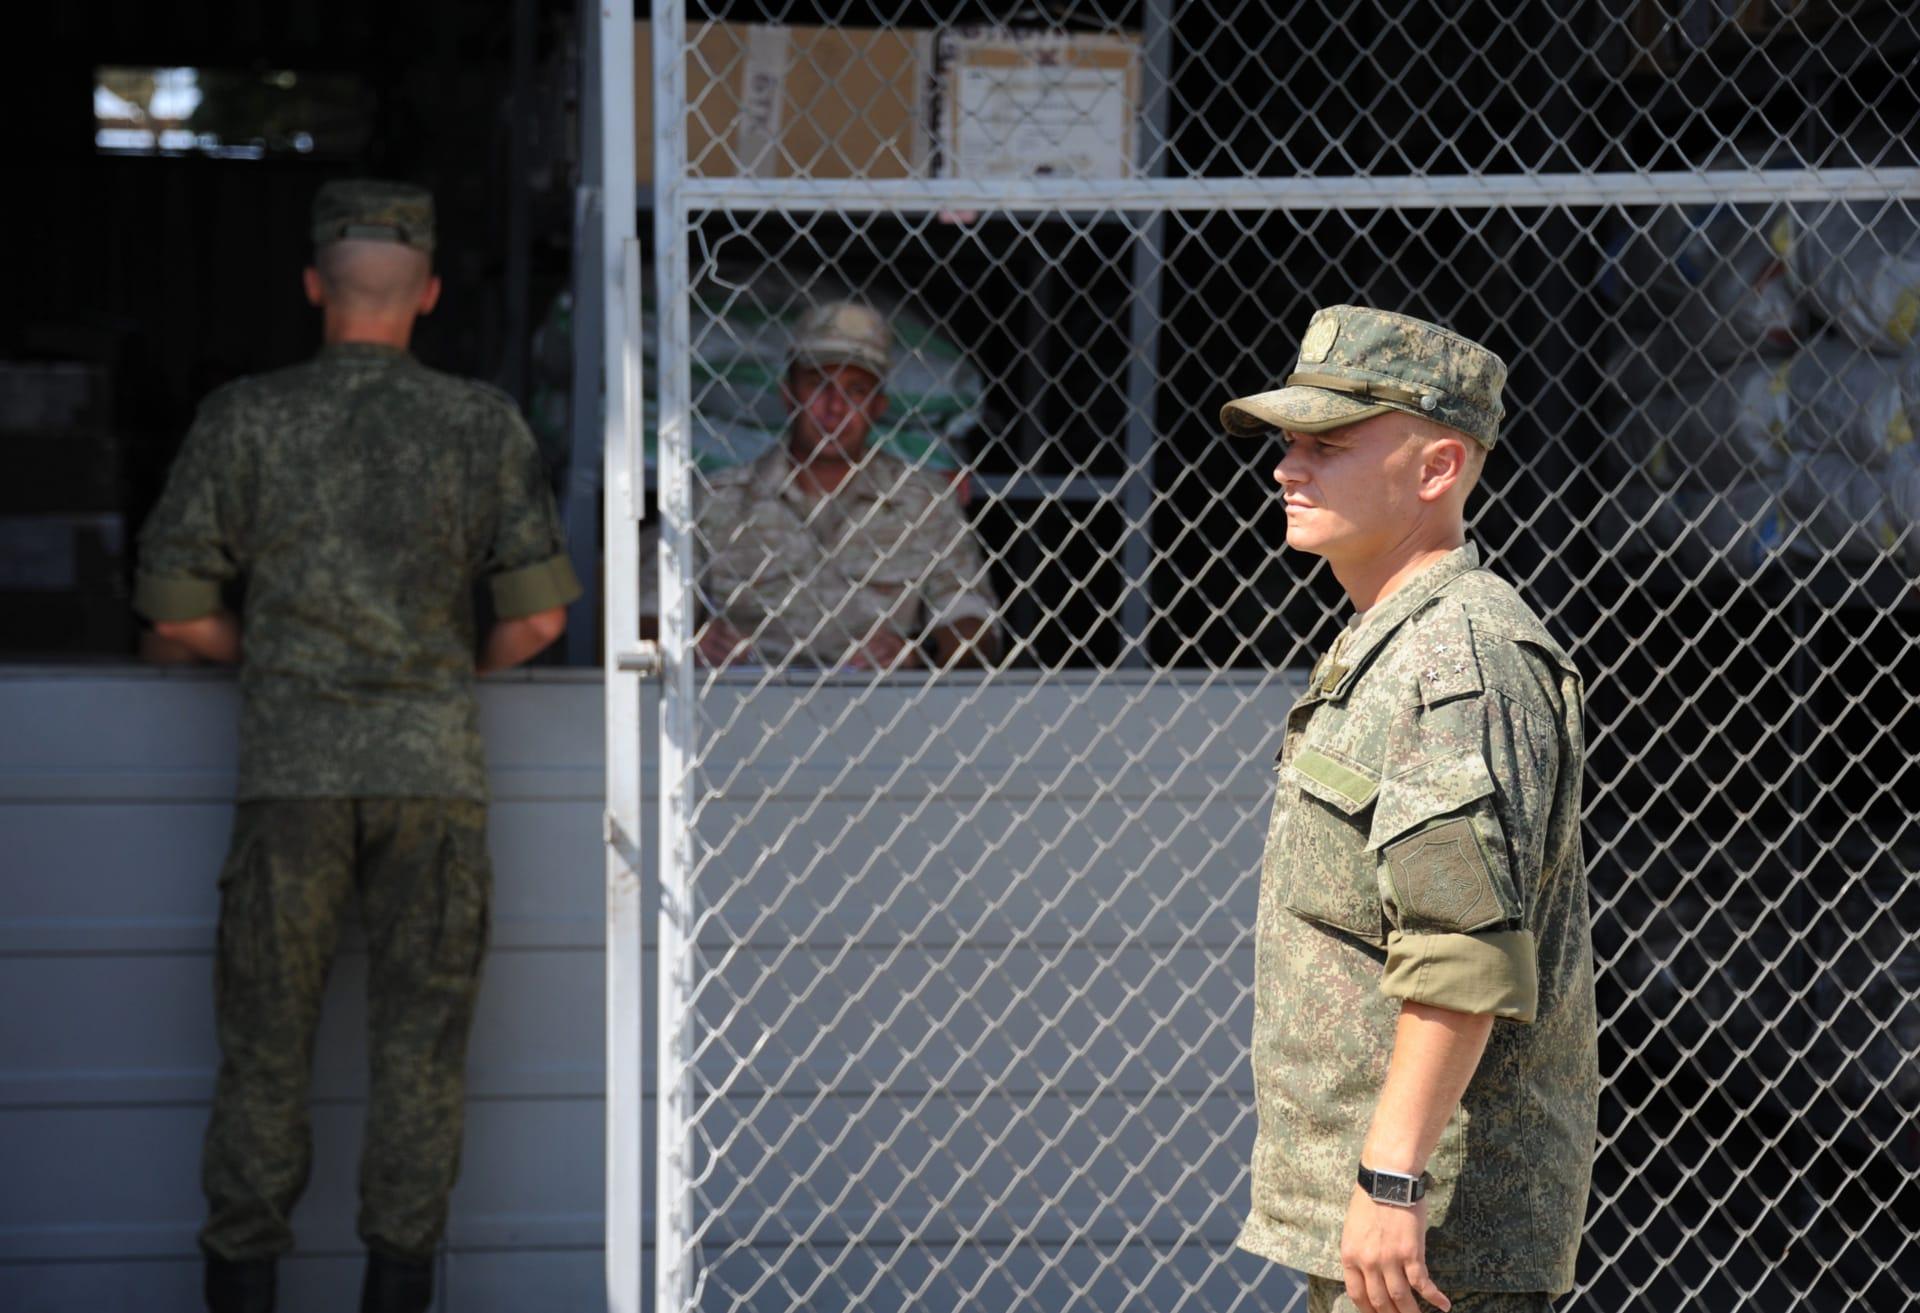 مقتل 8 جنود روس في حادث إطلاق نار في قاعدة عسكرية في سيبيريا